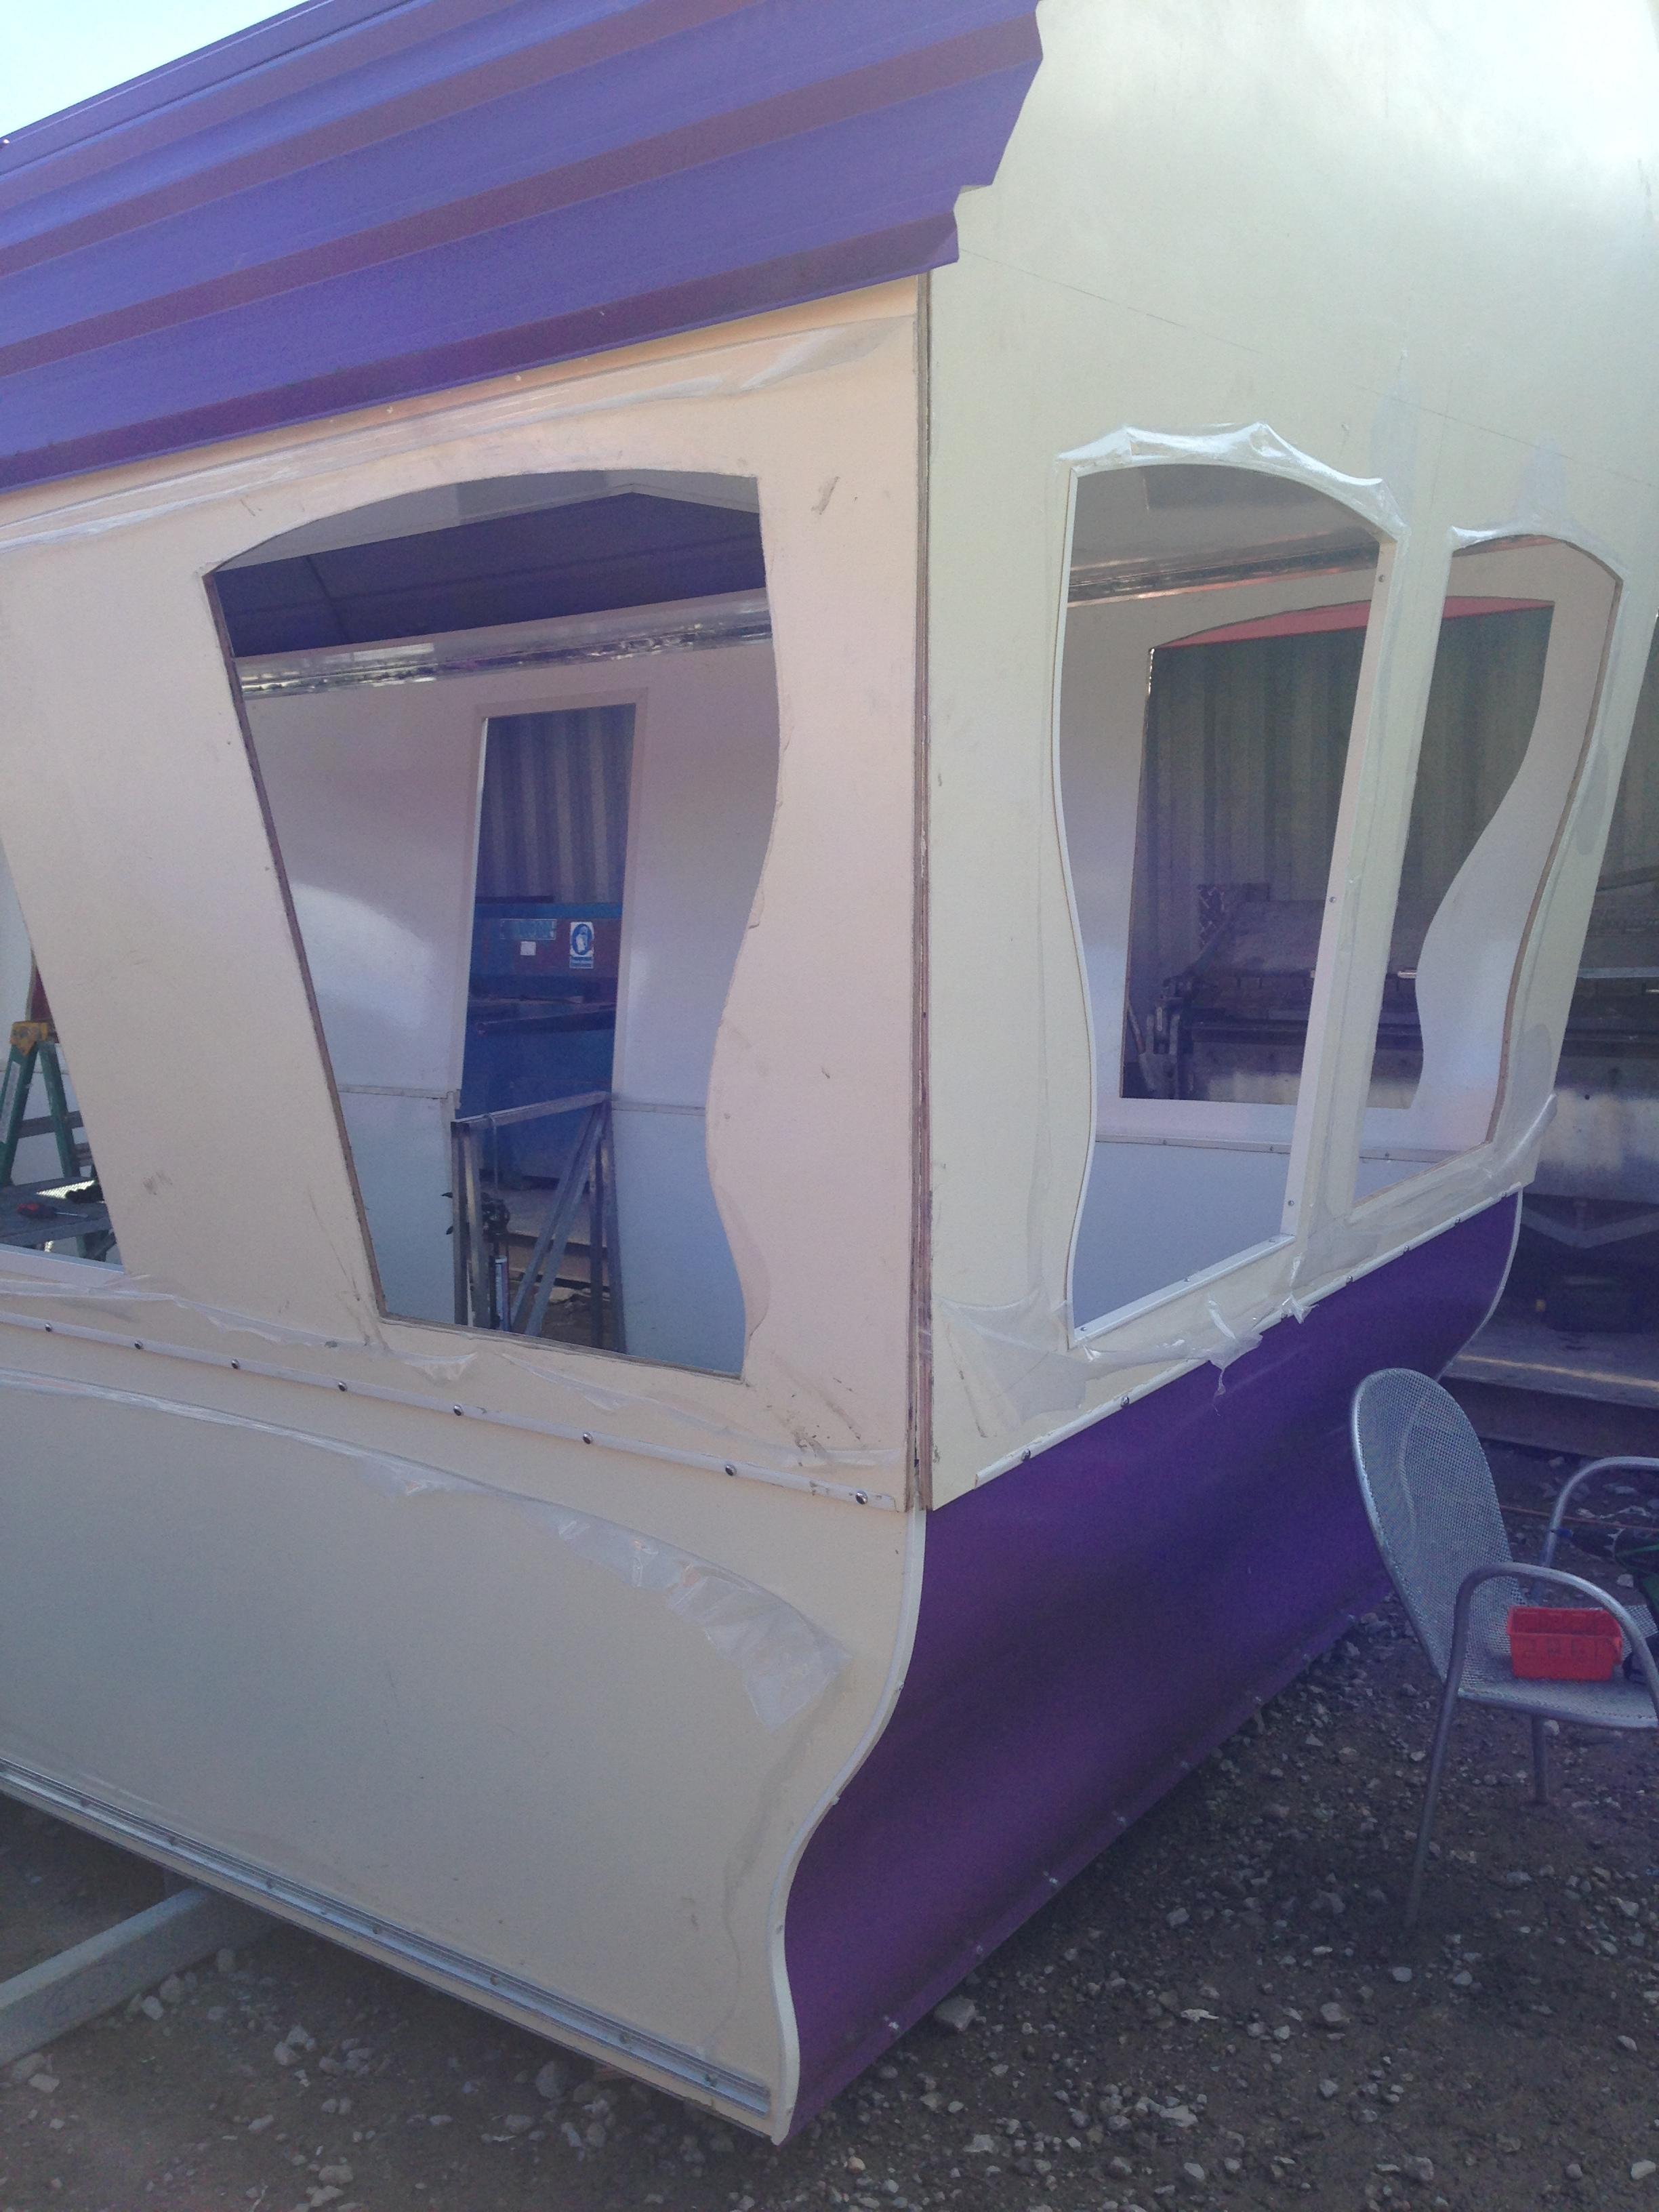 purple_carrige11_nL.JPG